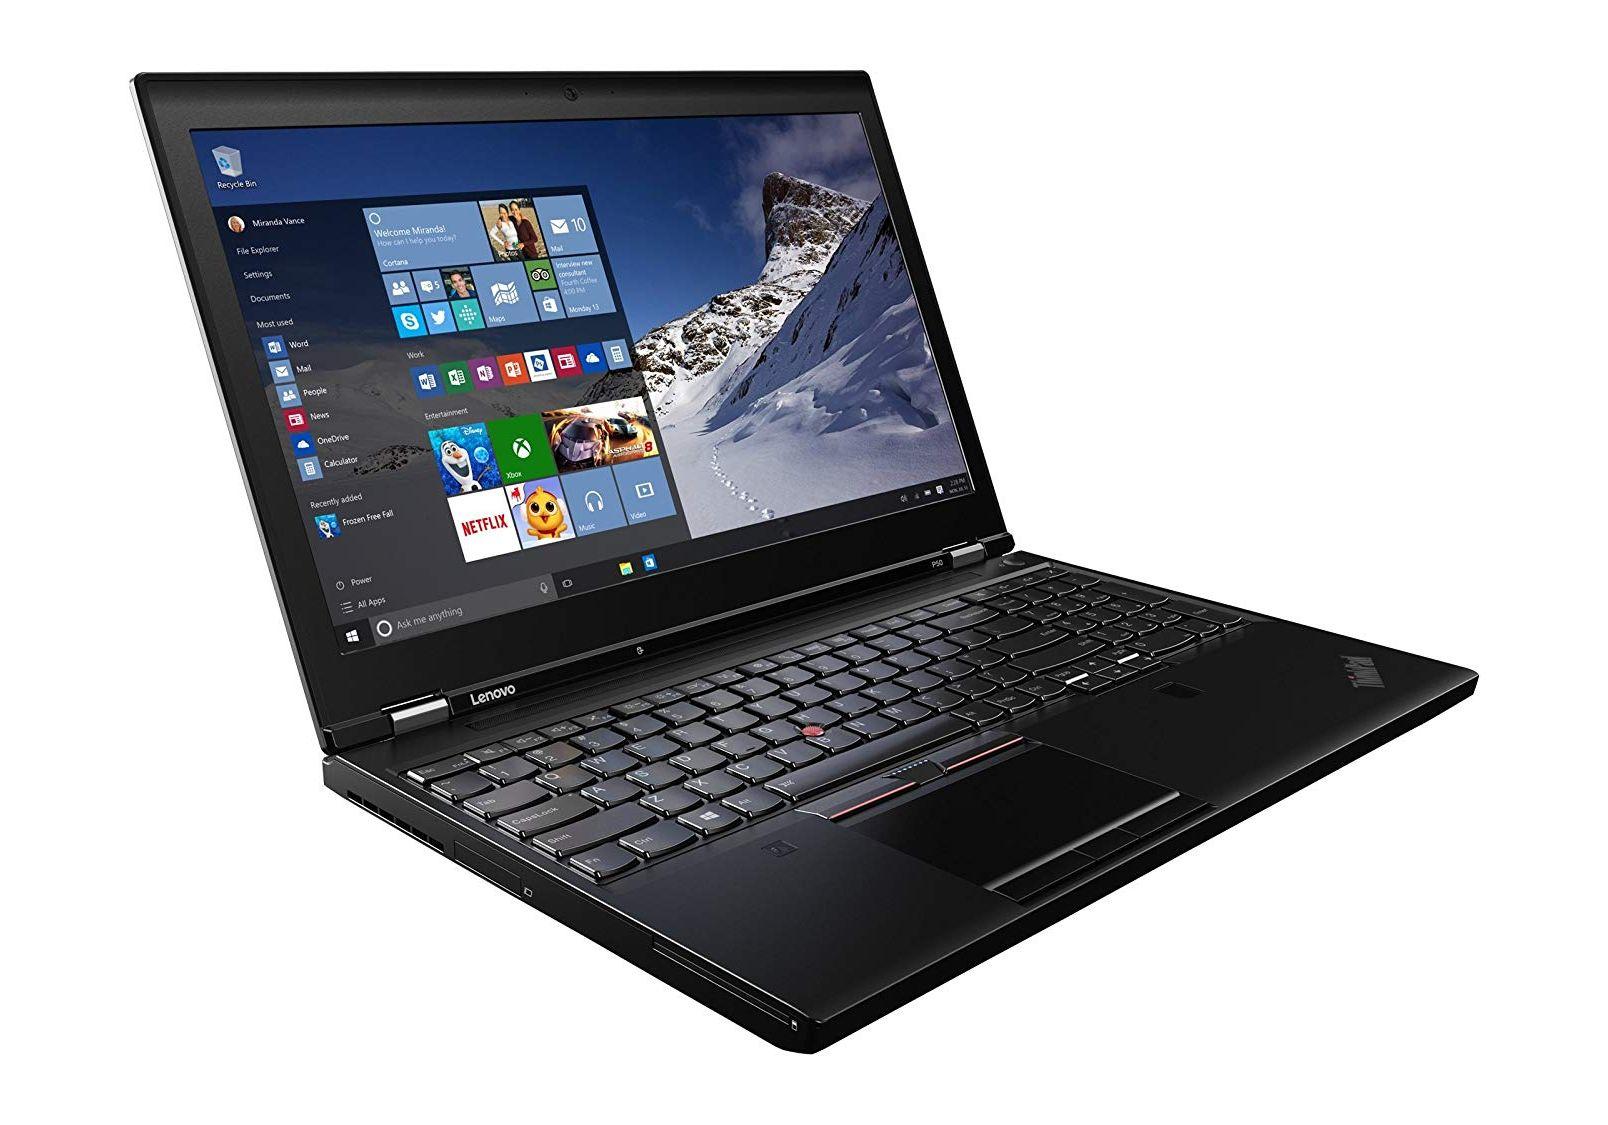 """Laptop 15.6"""" Lenovo Thinkpad P50 i7-6820HQ 16GB 480GB SSD QUADRO M2000M *Grade A-*"""